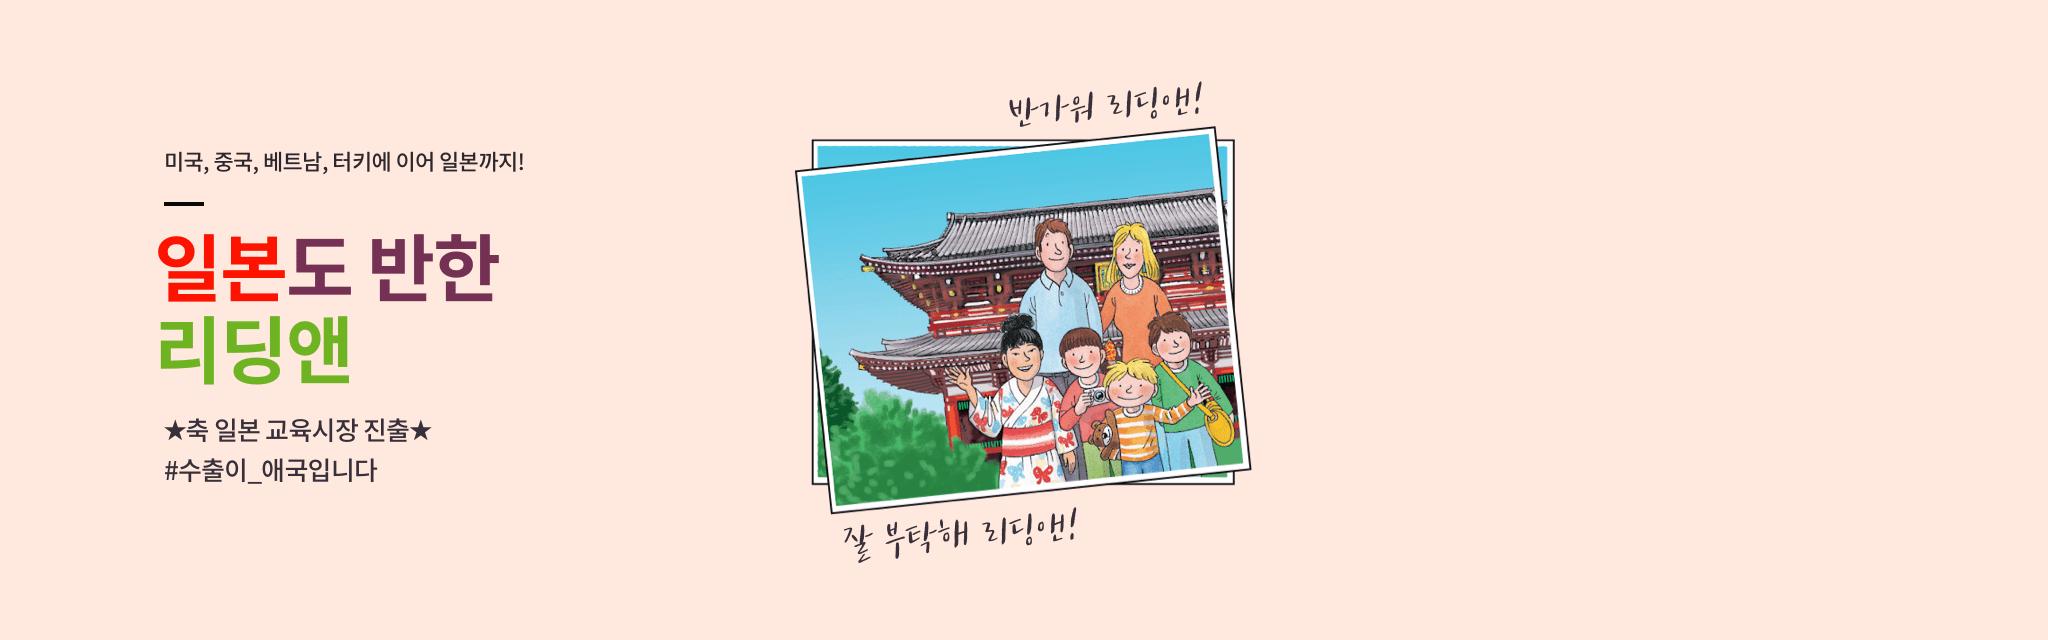 ★축 리딩앤 일본 교육시장 진출★